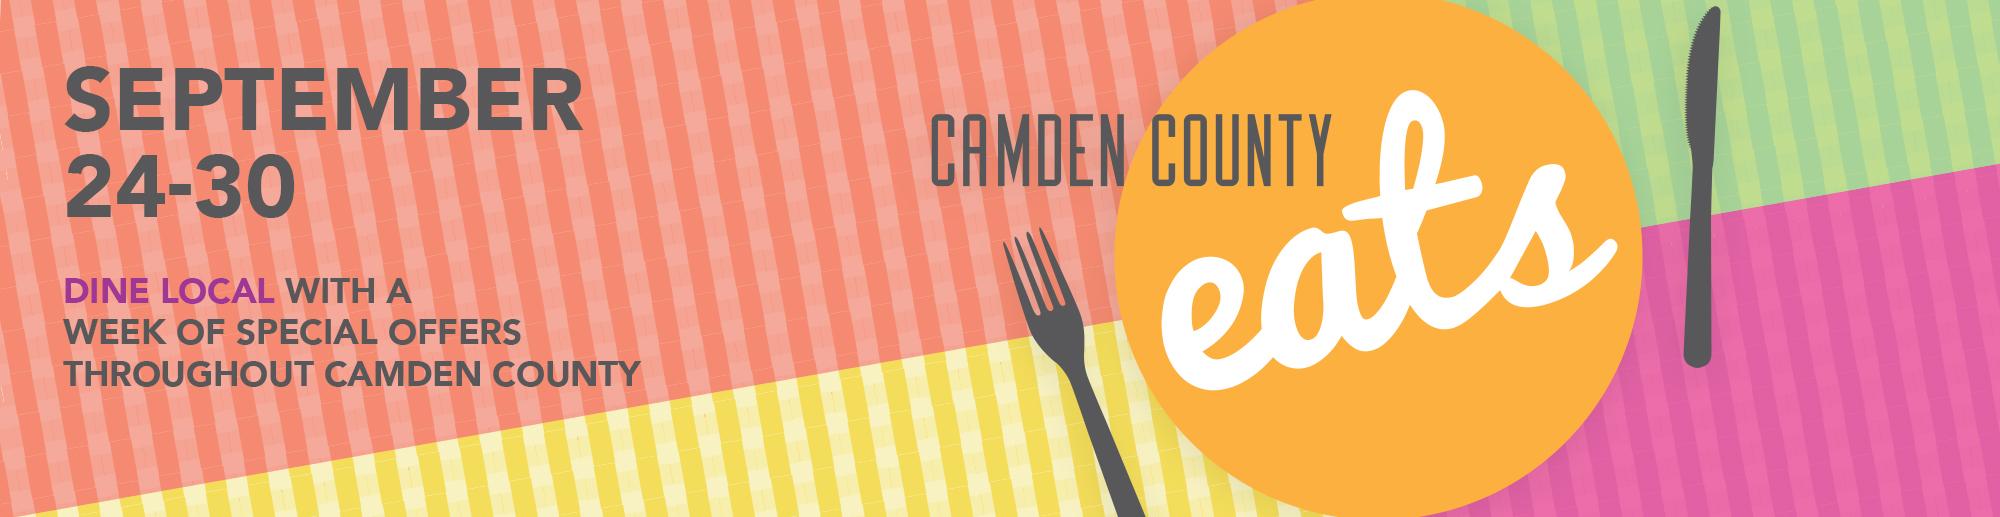 Camden County Eats